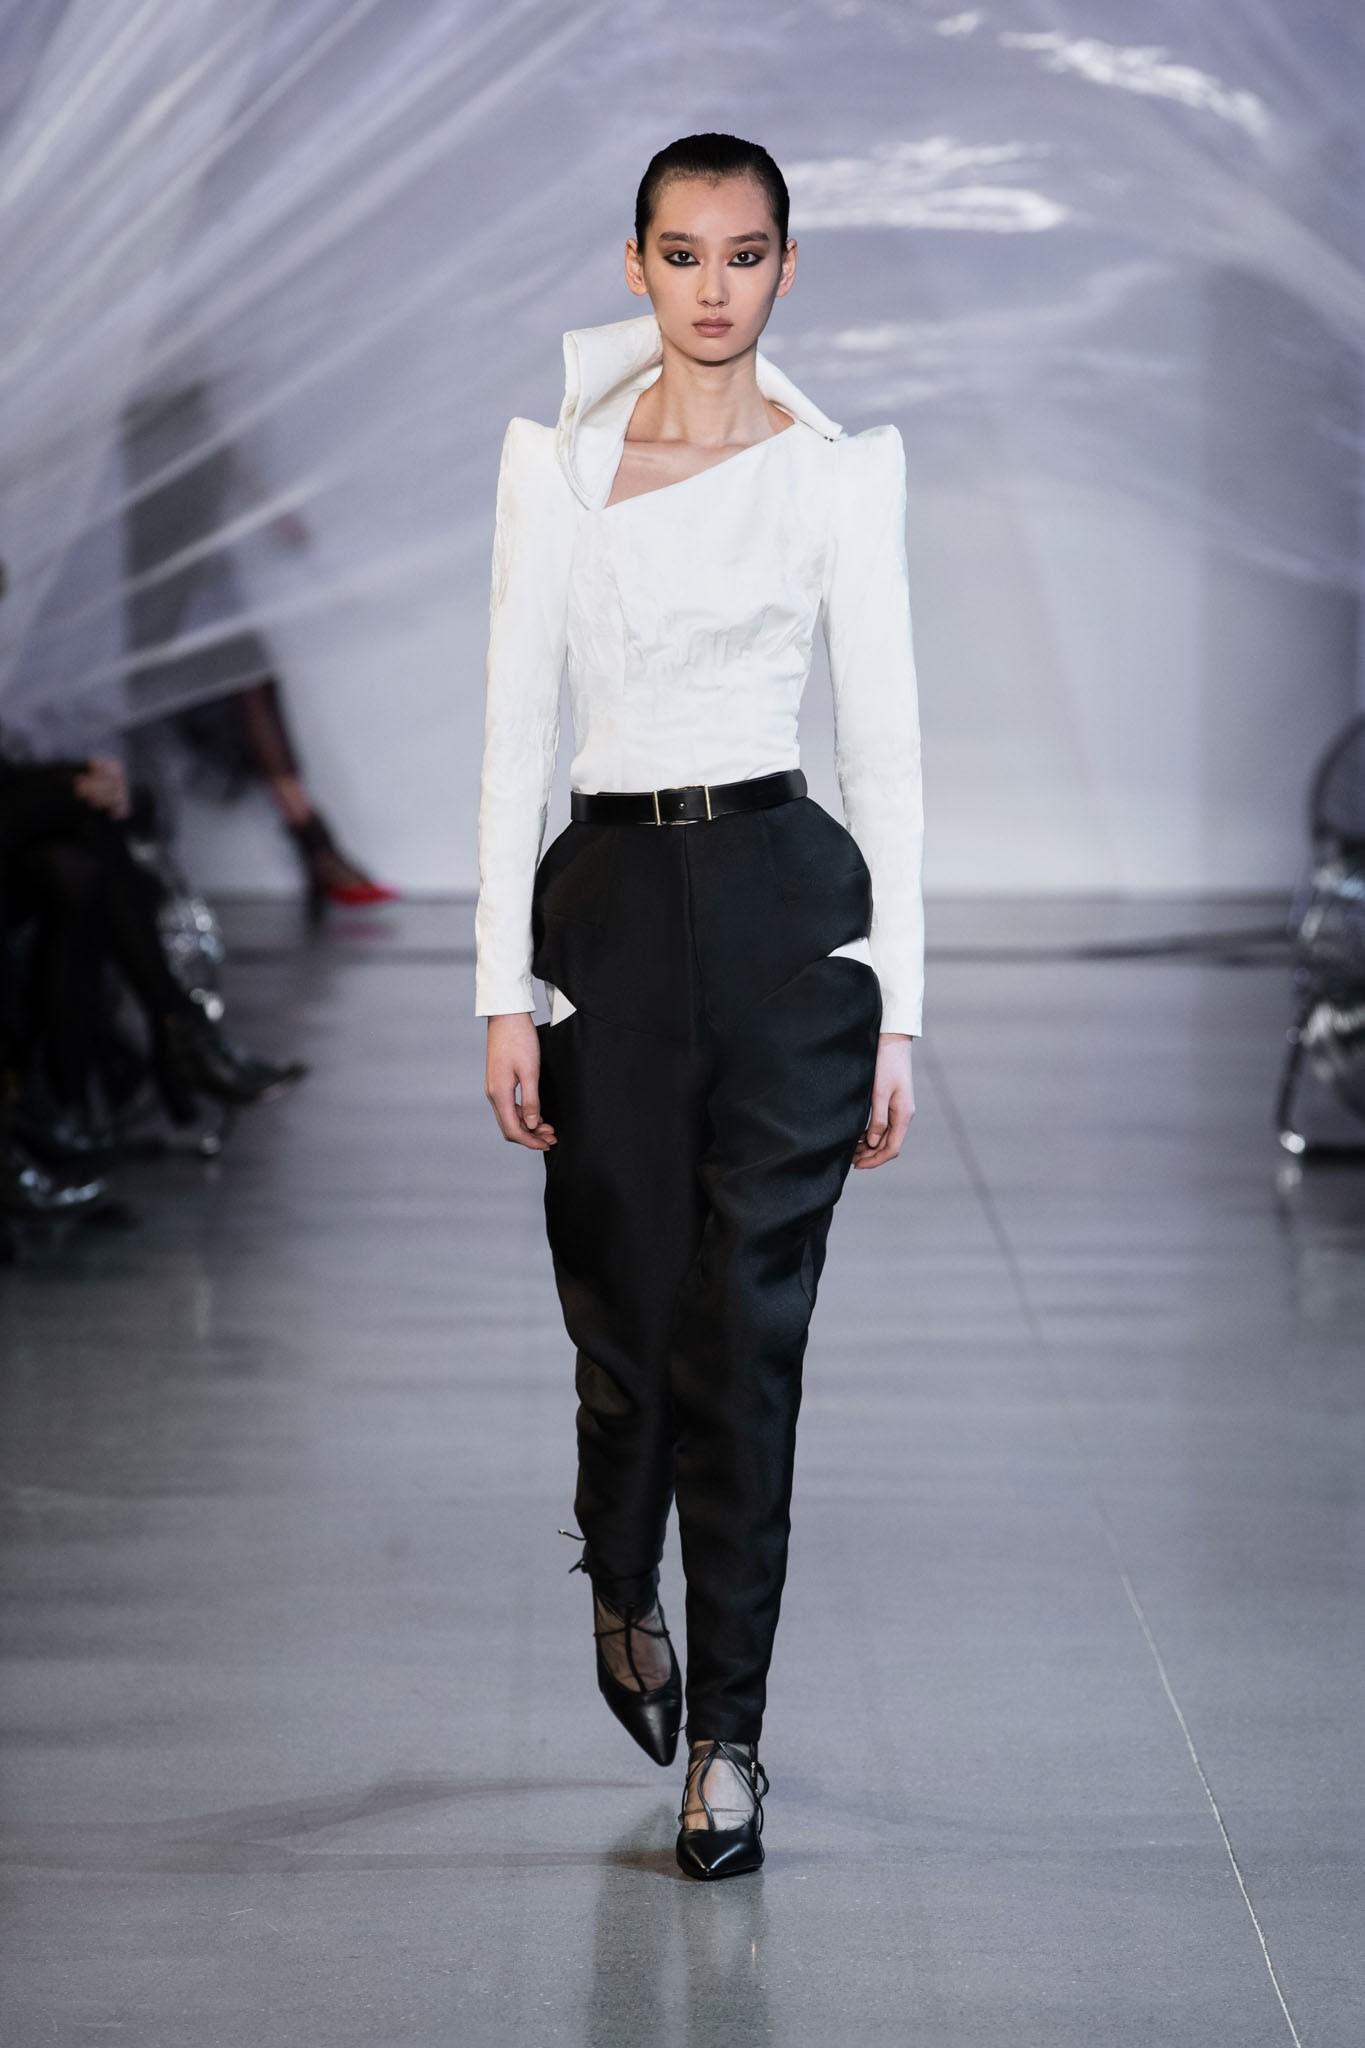 VOGUE Mỹ, VOGUE Tây Ban Nha và hàng loạt tạp chí thời trang thế giới đồng loạt đưa tin về show diễn PHUONG MY tại NYFW - Ảnh 13.